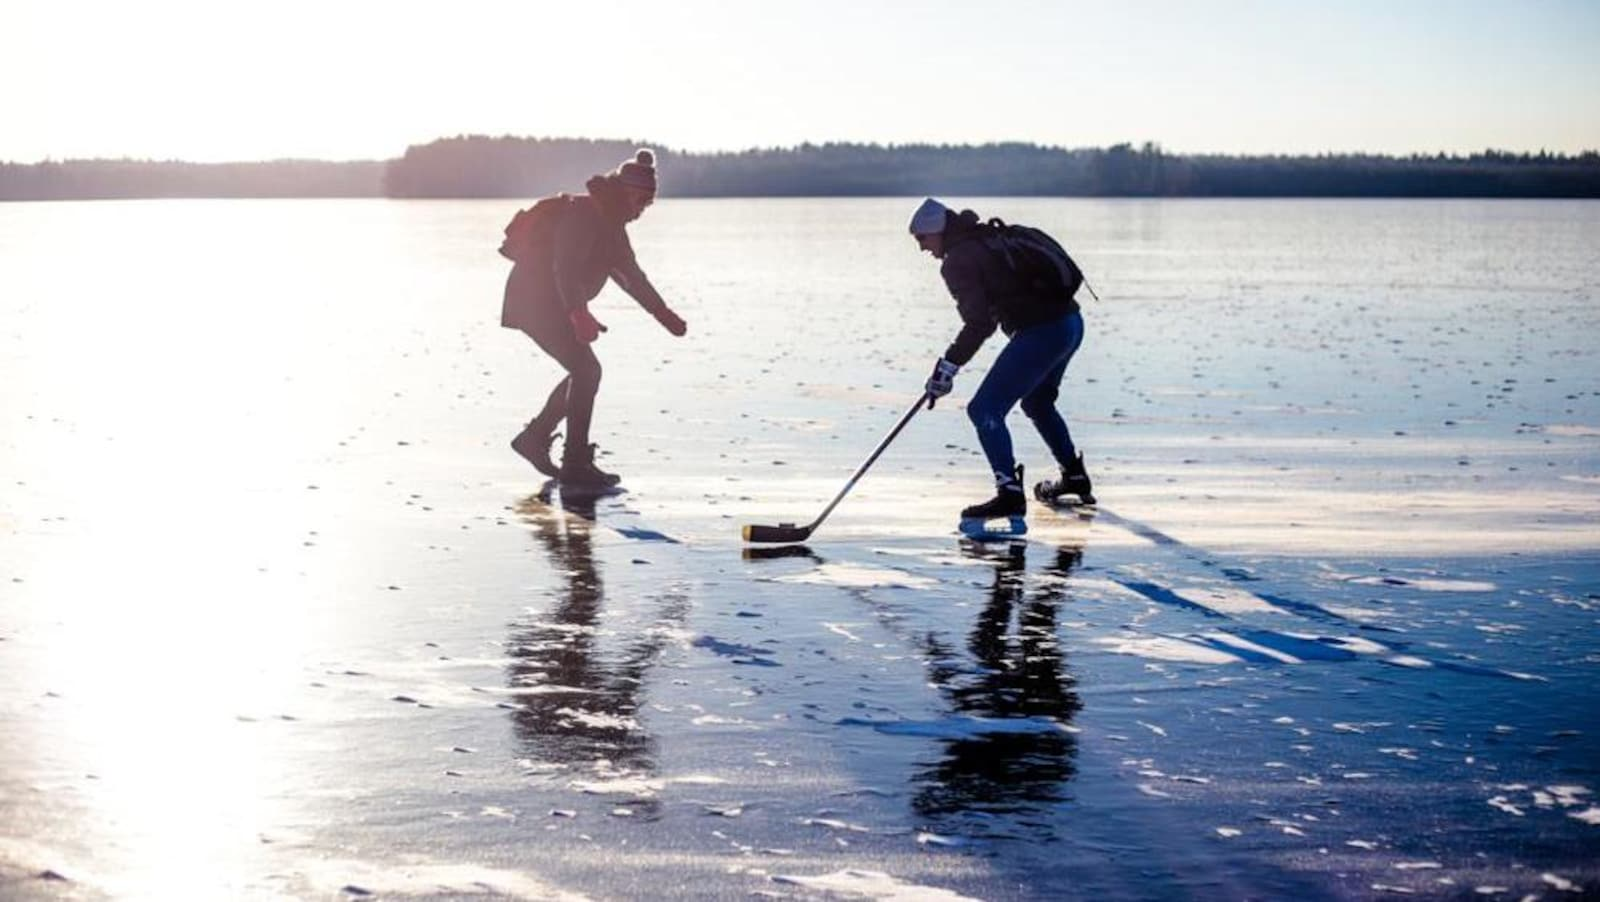 Deux personnes jouent au hockey sur un immense lac gelé.